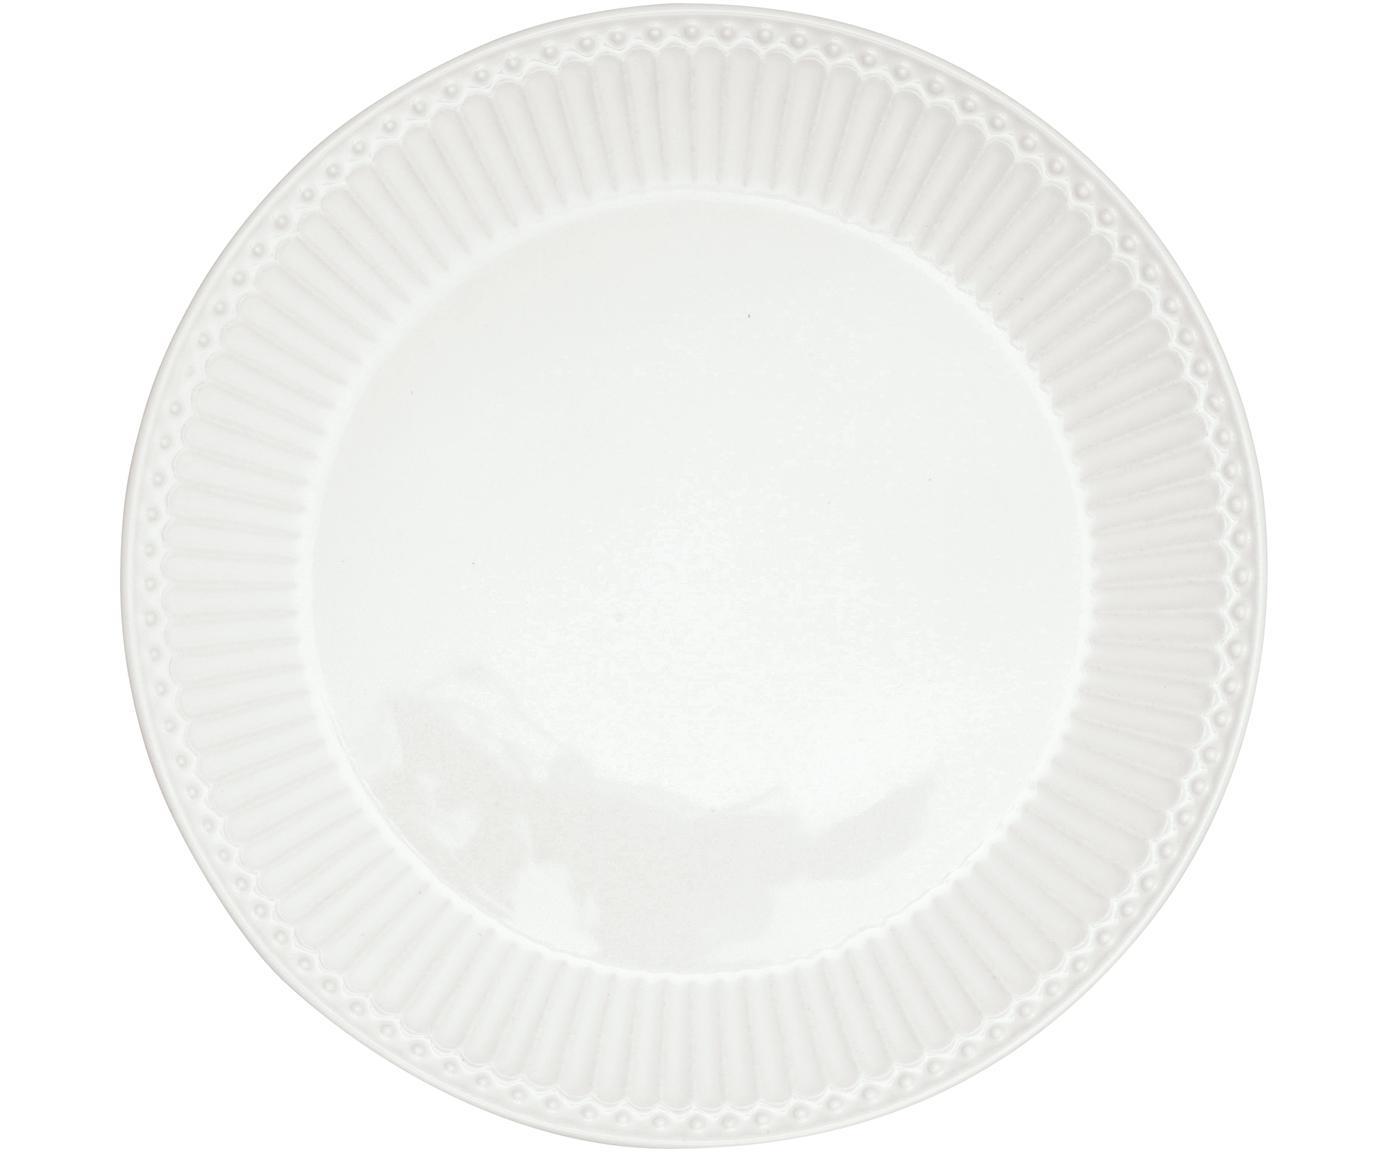 Handgefertigte Frühstücksteller Alice in Weiß mit Reliefdesign, 2 Stück, Steingut, Weiß, Ø 23 cm